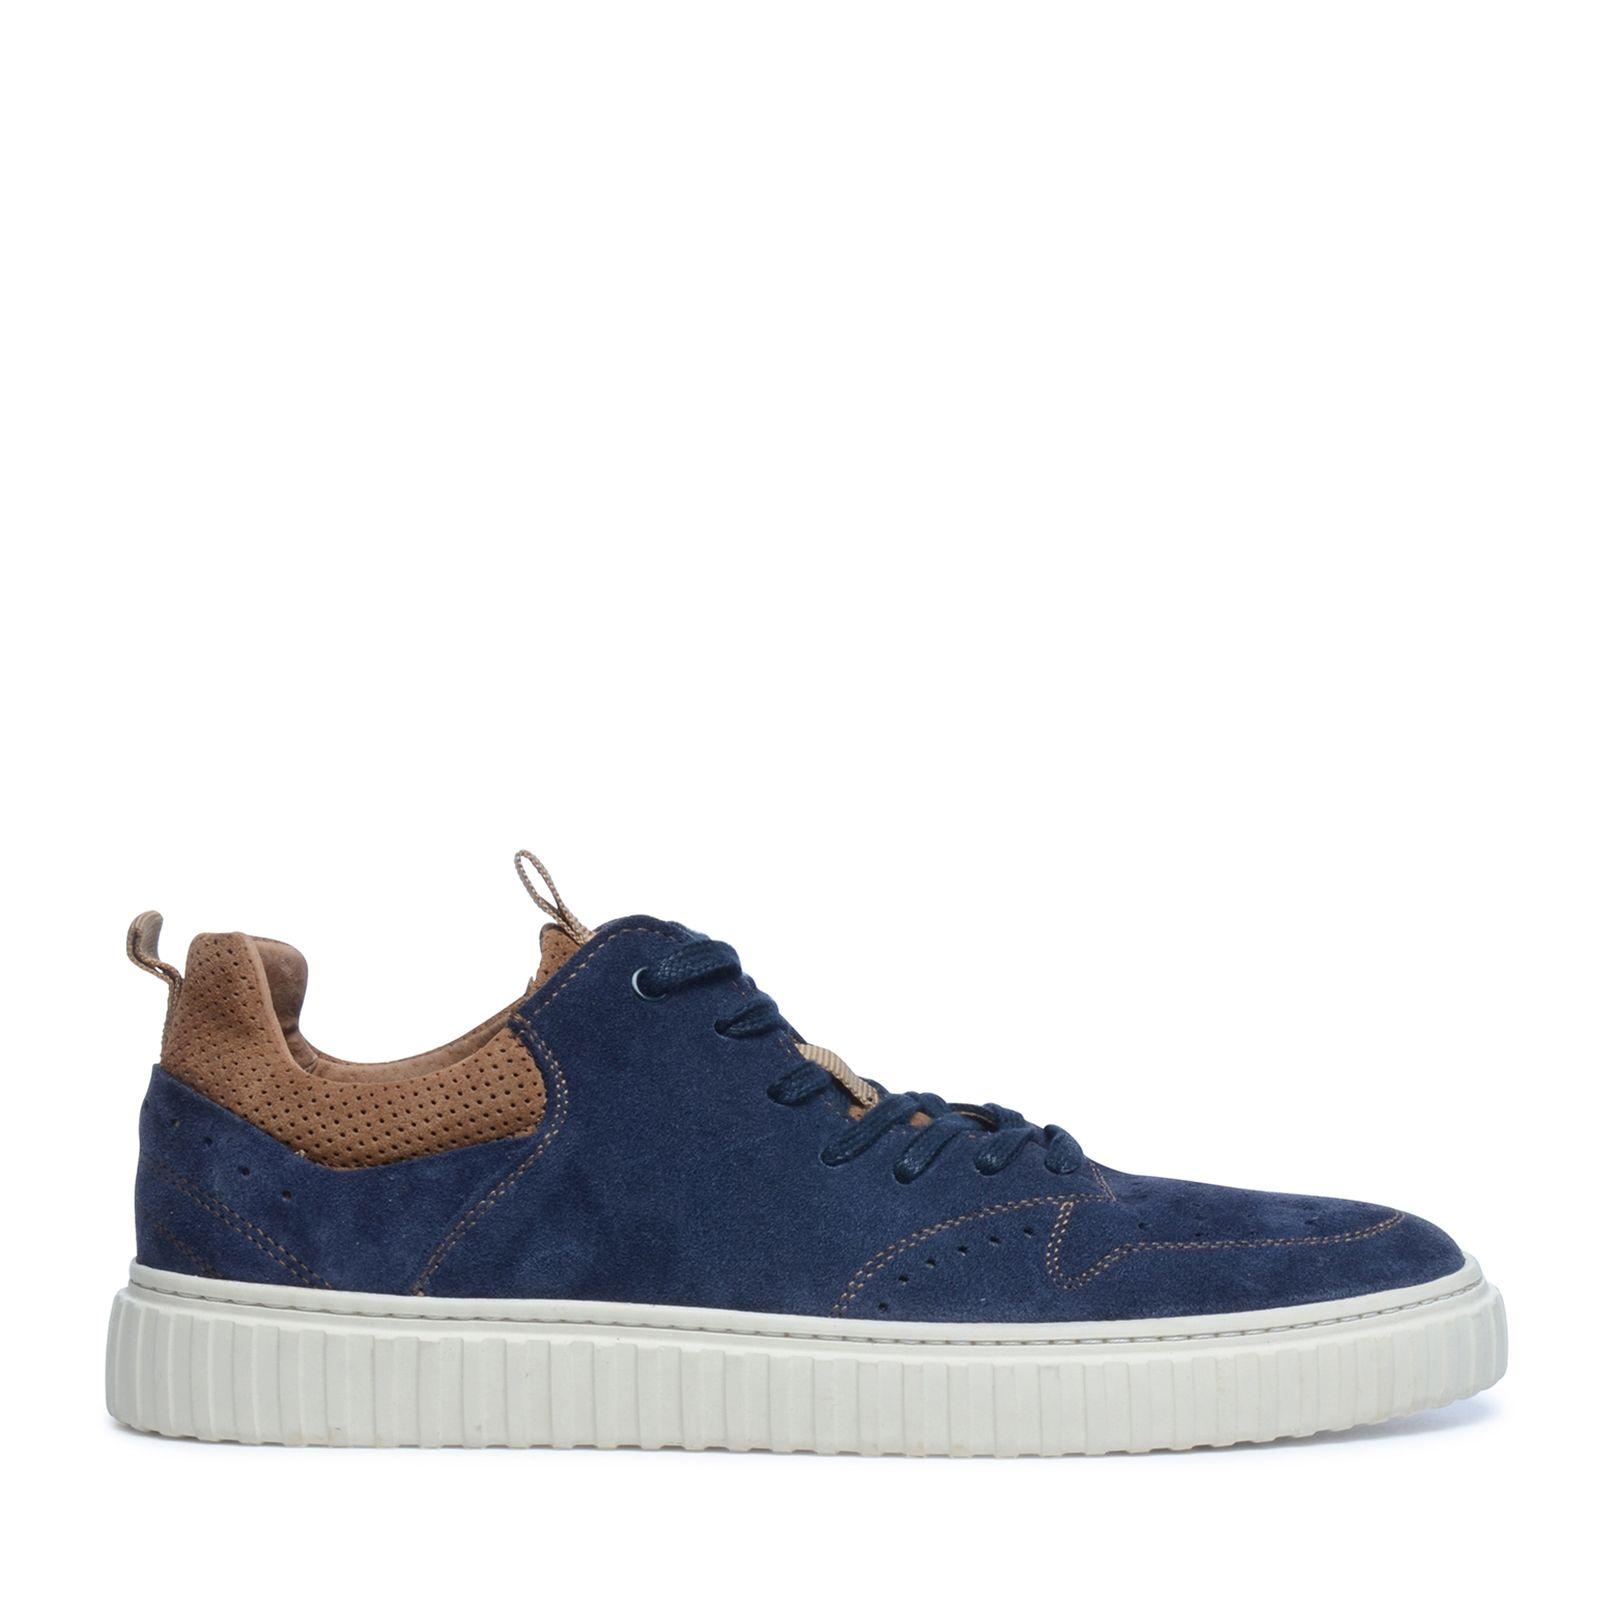 quality design d6ca1 11074 Dunkelblaue Veloursleder-Sneaker